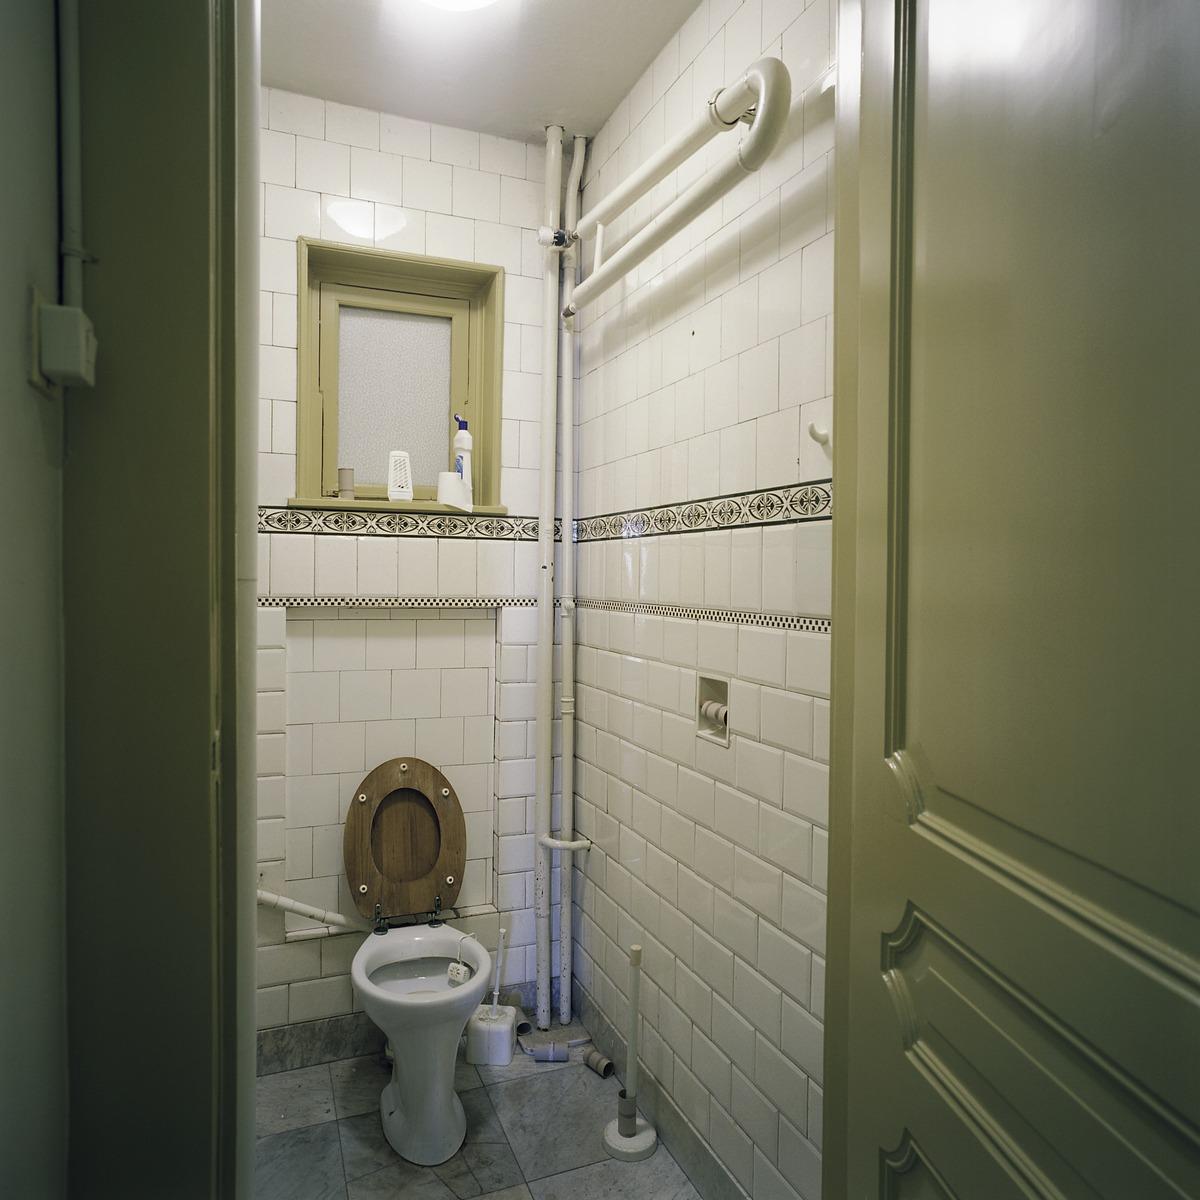 File:Interieur, overzicht van een toilet op de begane grond ...